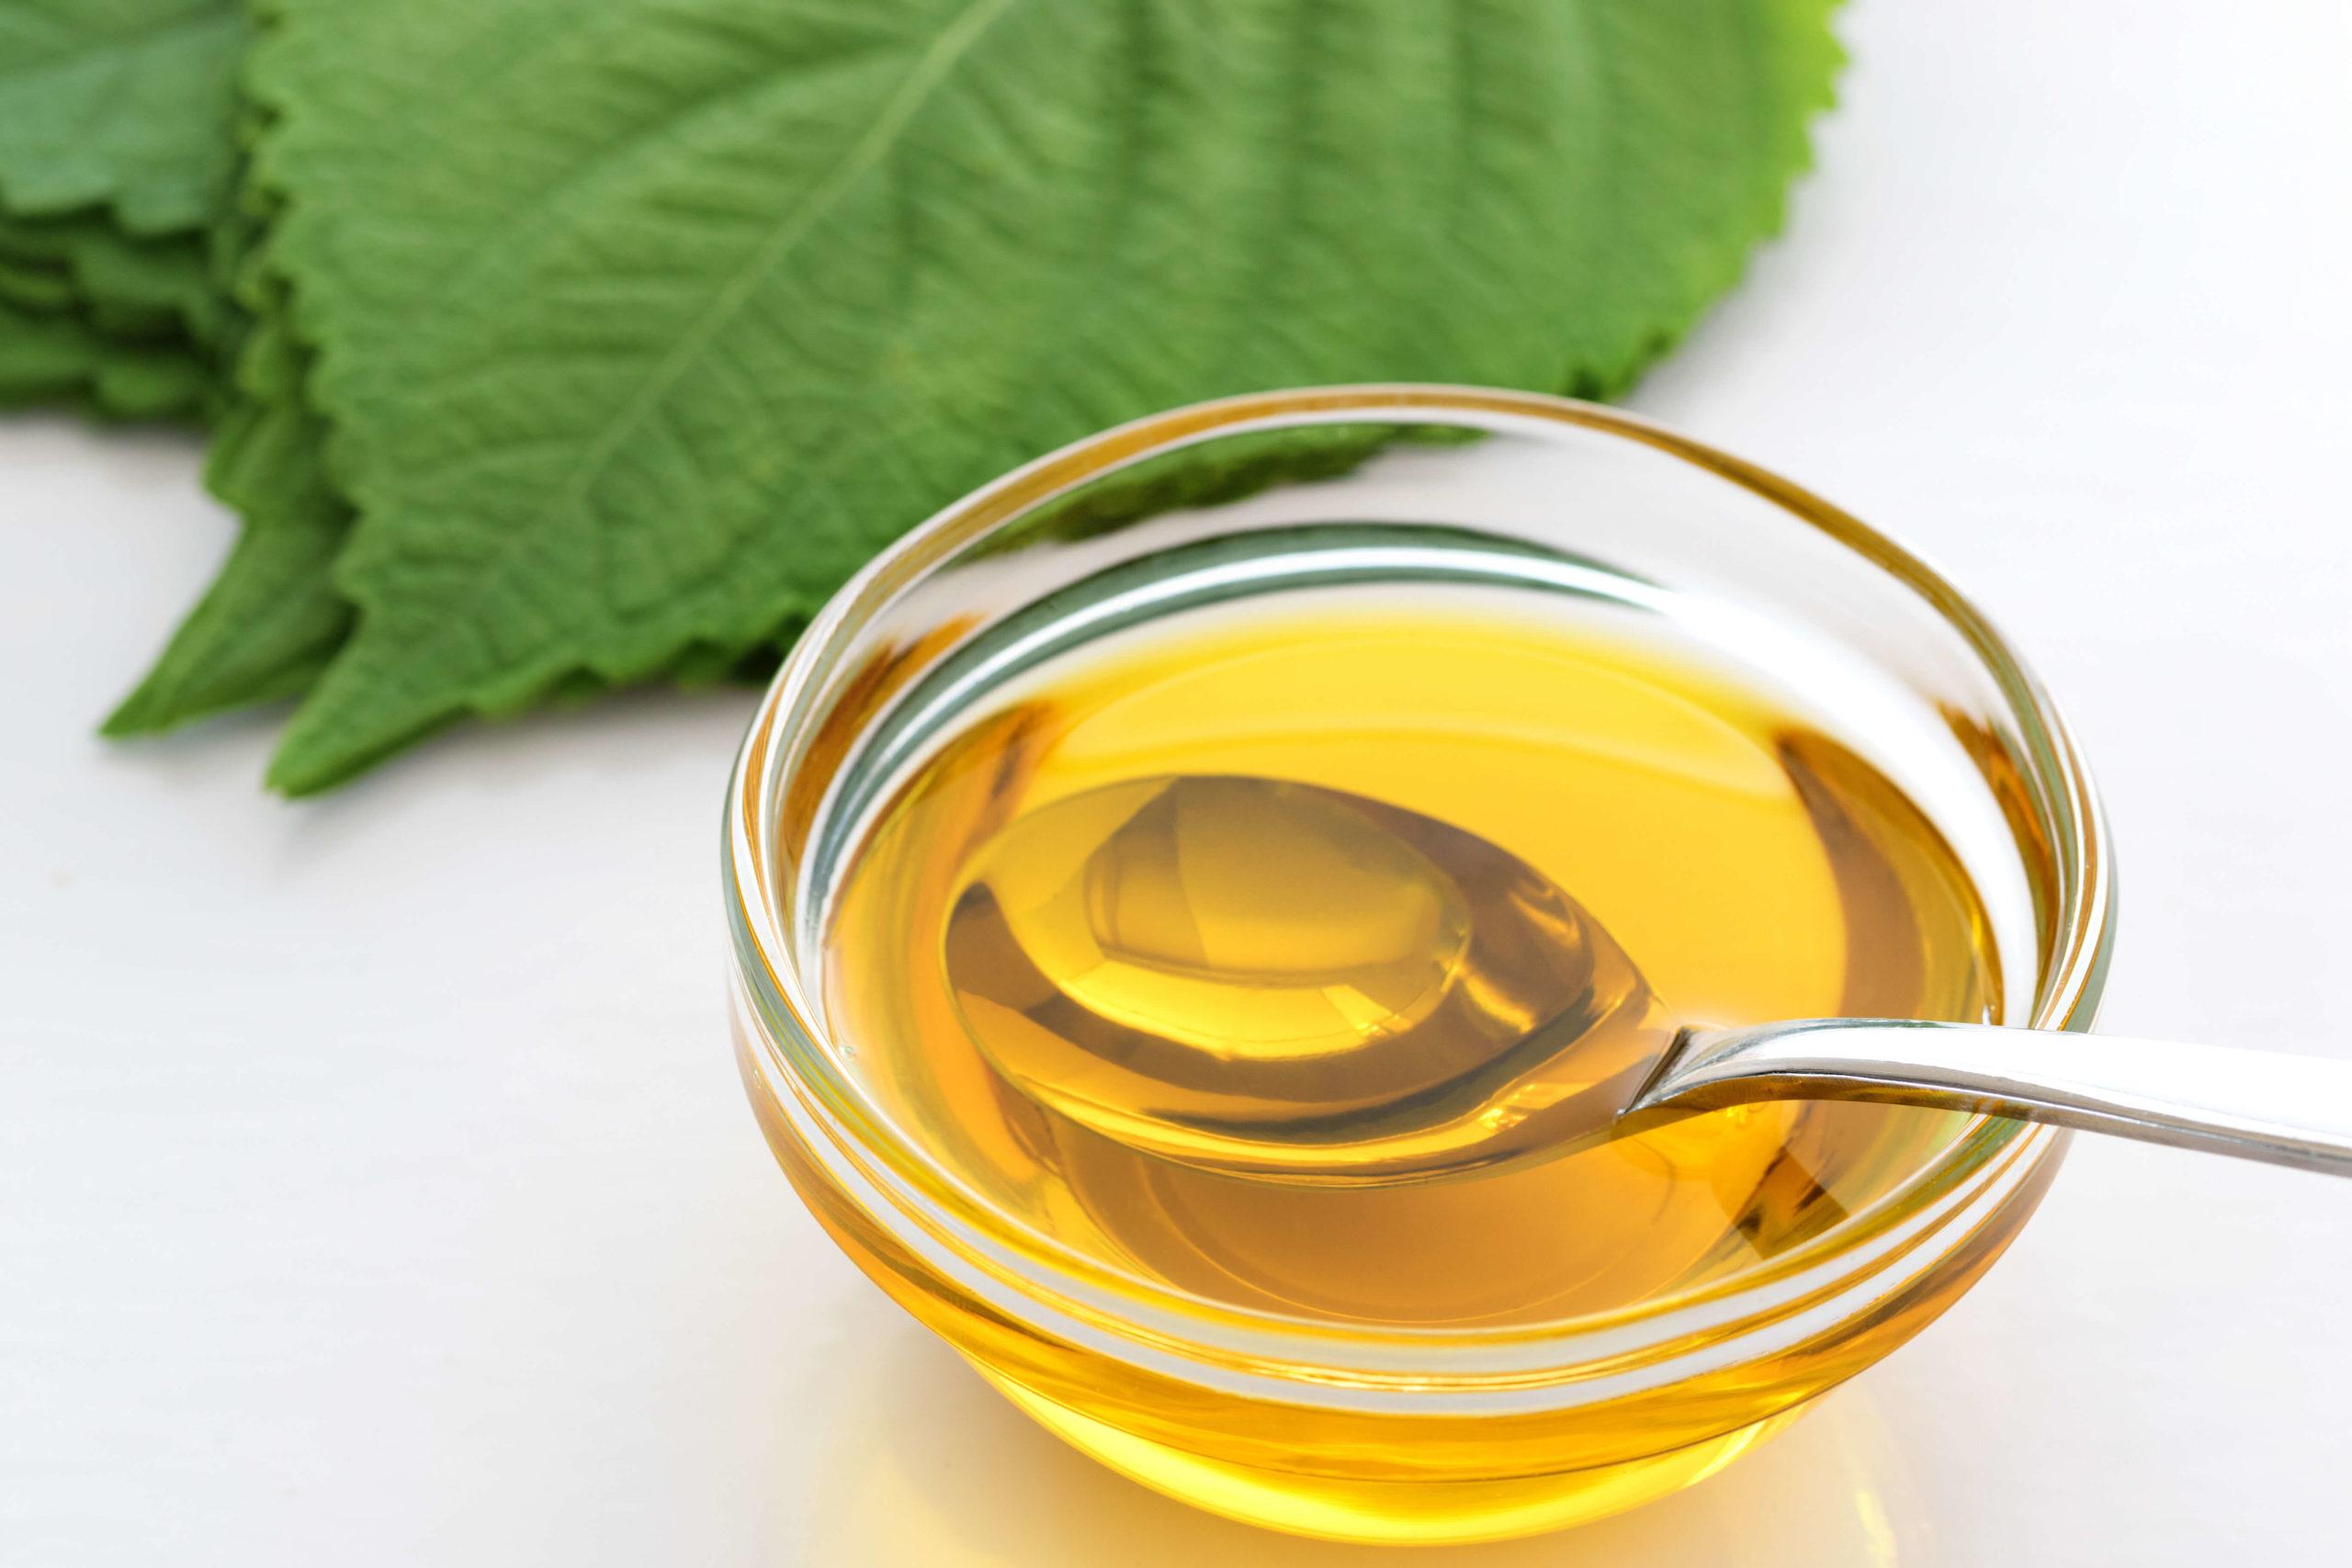 油 効能 亜麻仁 の 亜麻仁油のオメガ3脂肪酸の効果まとめ!含有量や効能を徹底調査